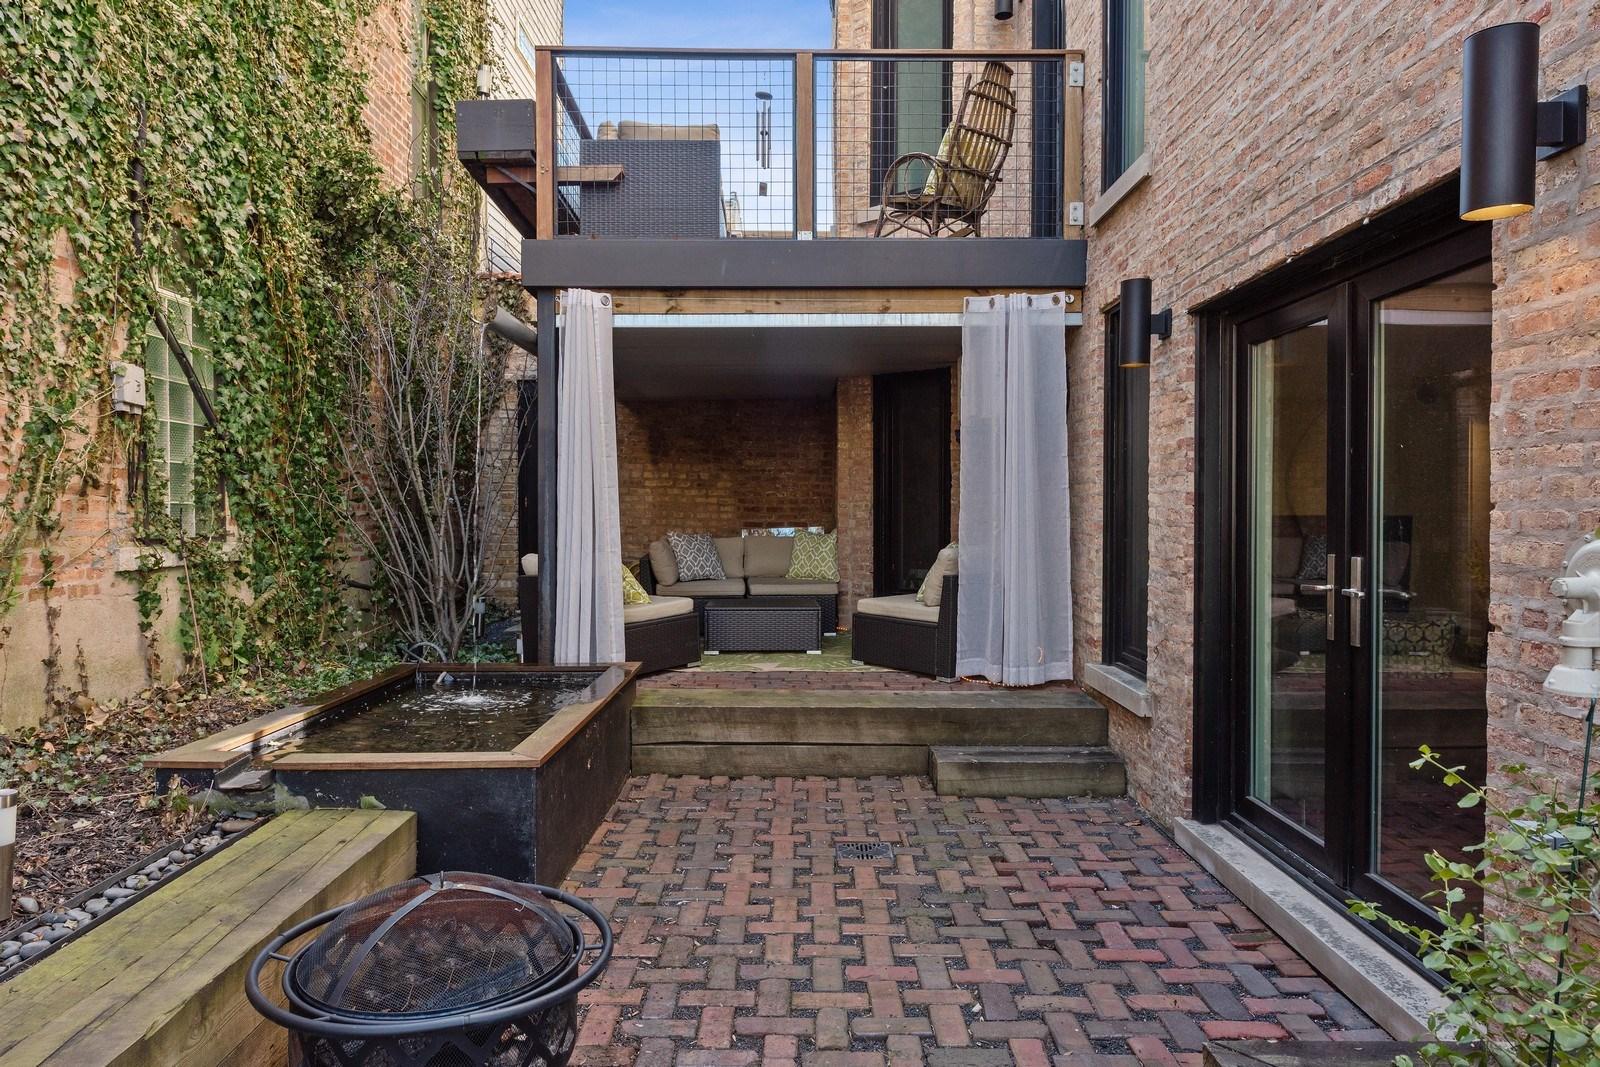 Chicago Architecture and Interior Design